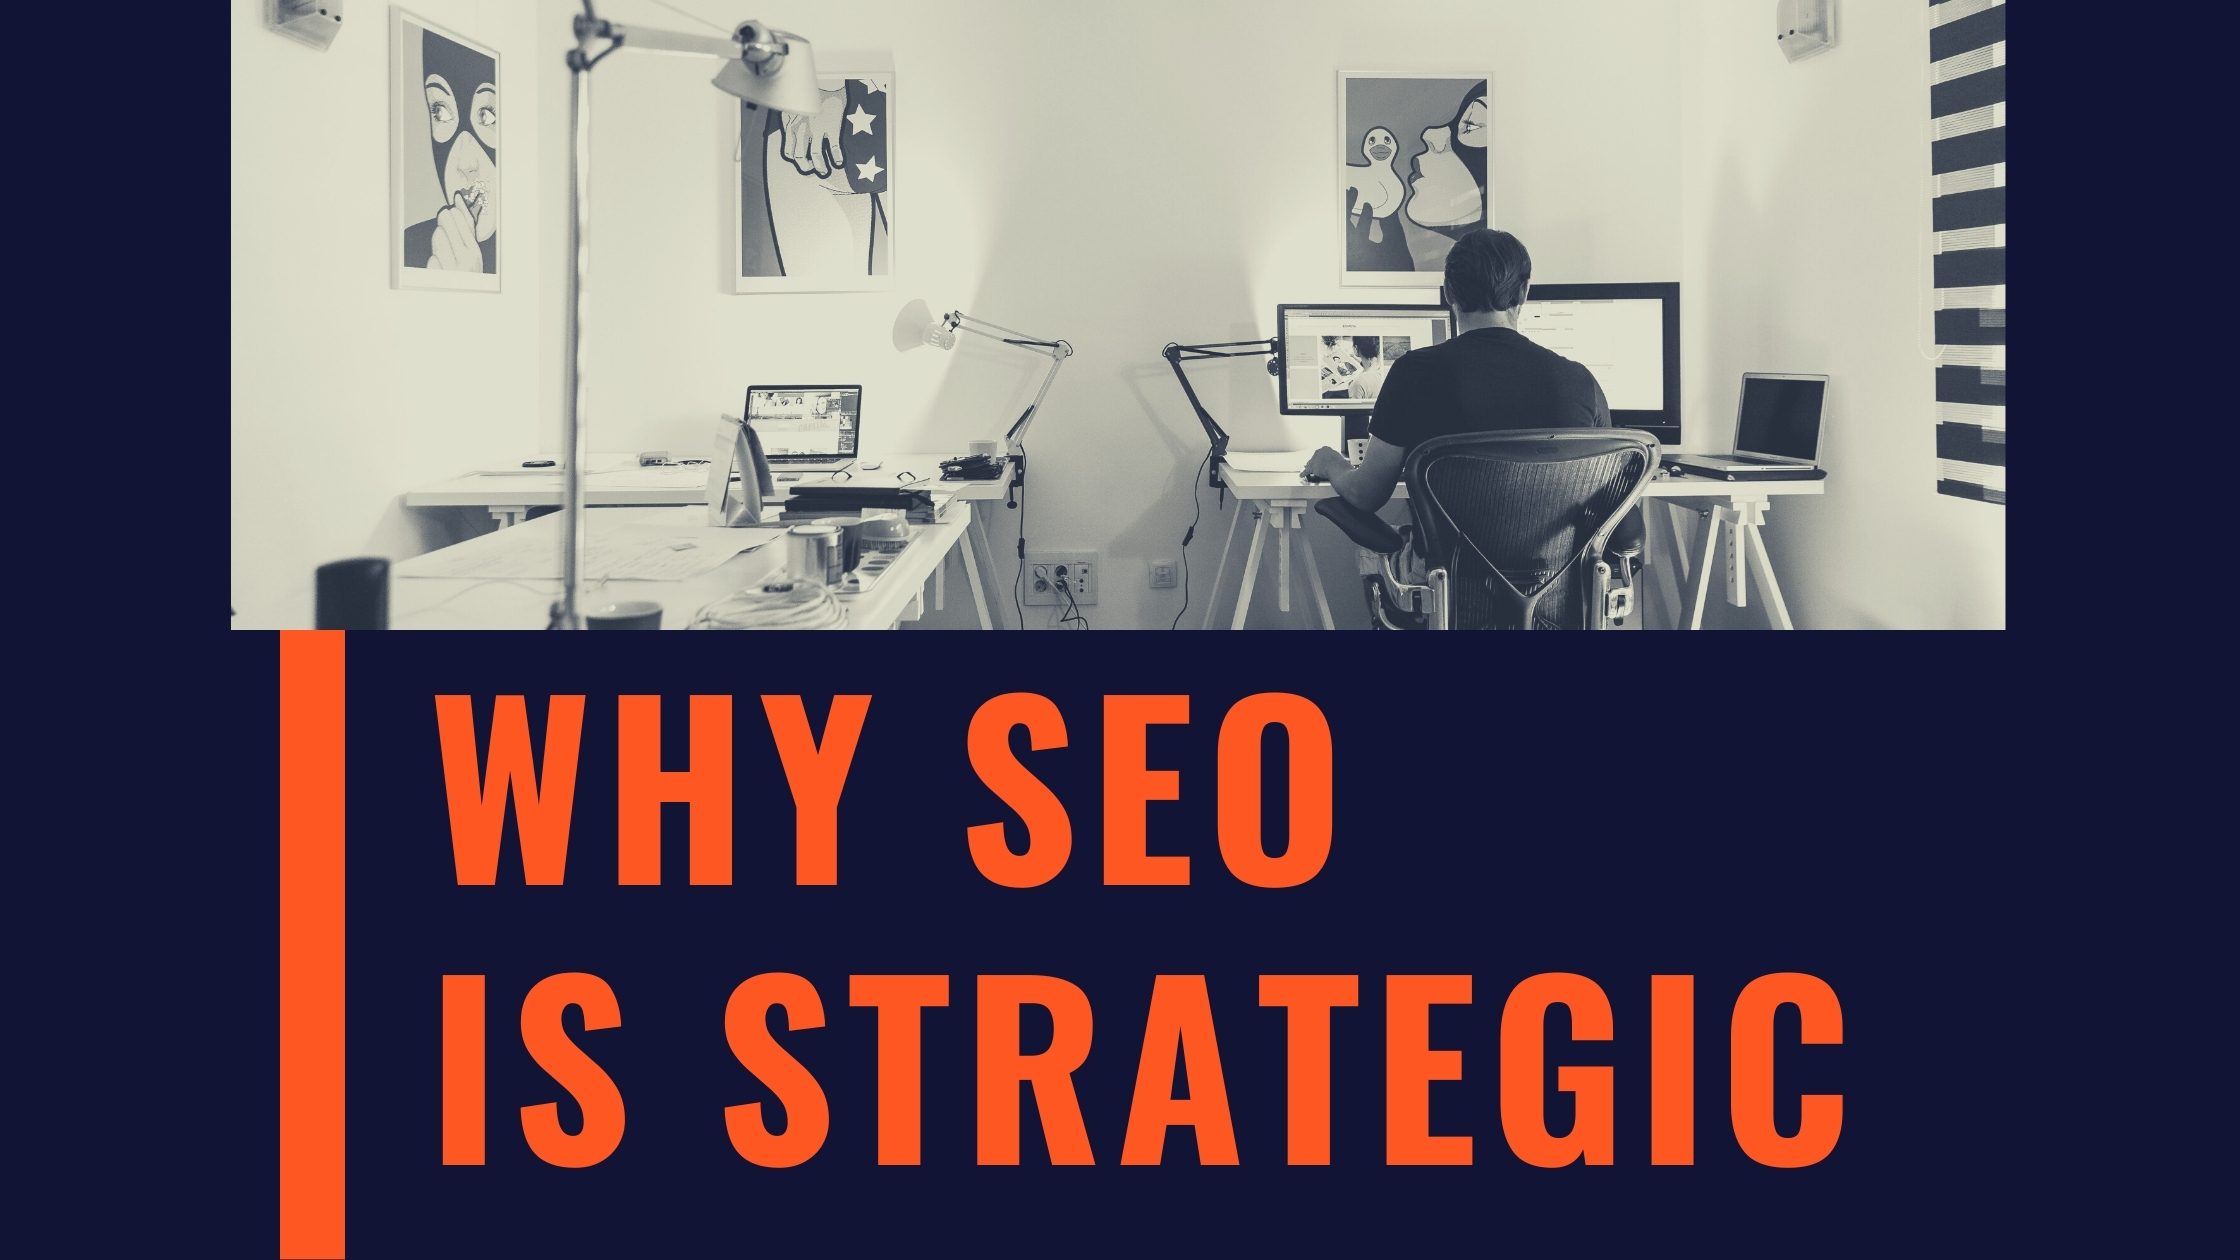 Why SEO is strategic